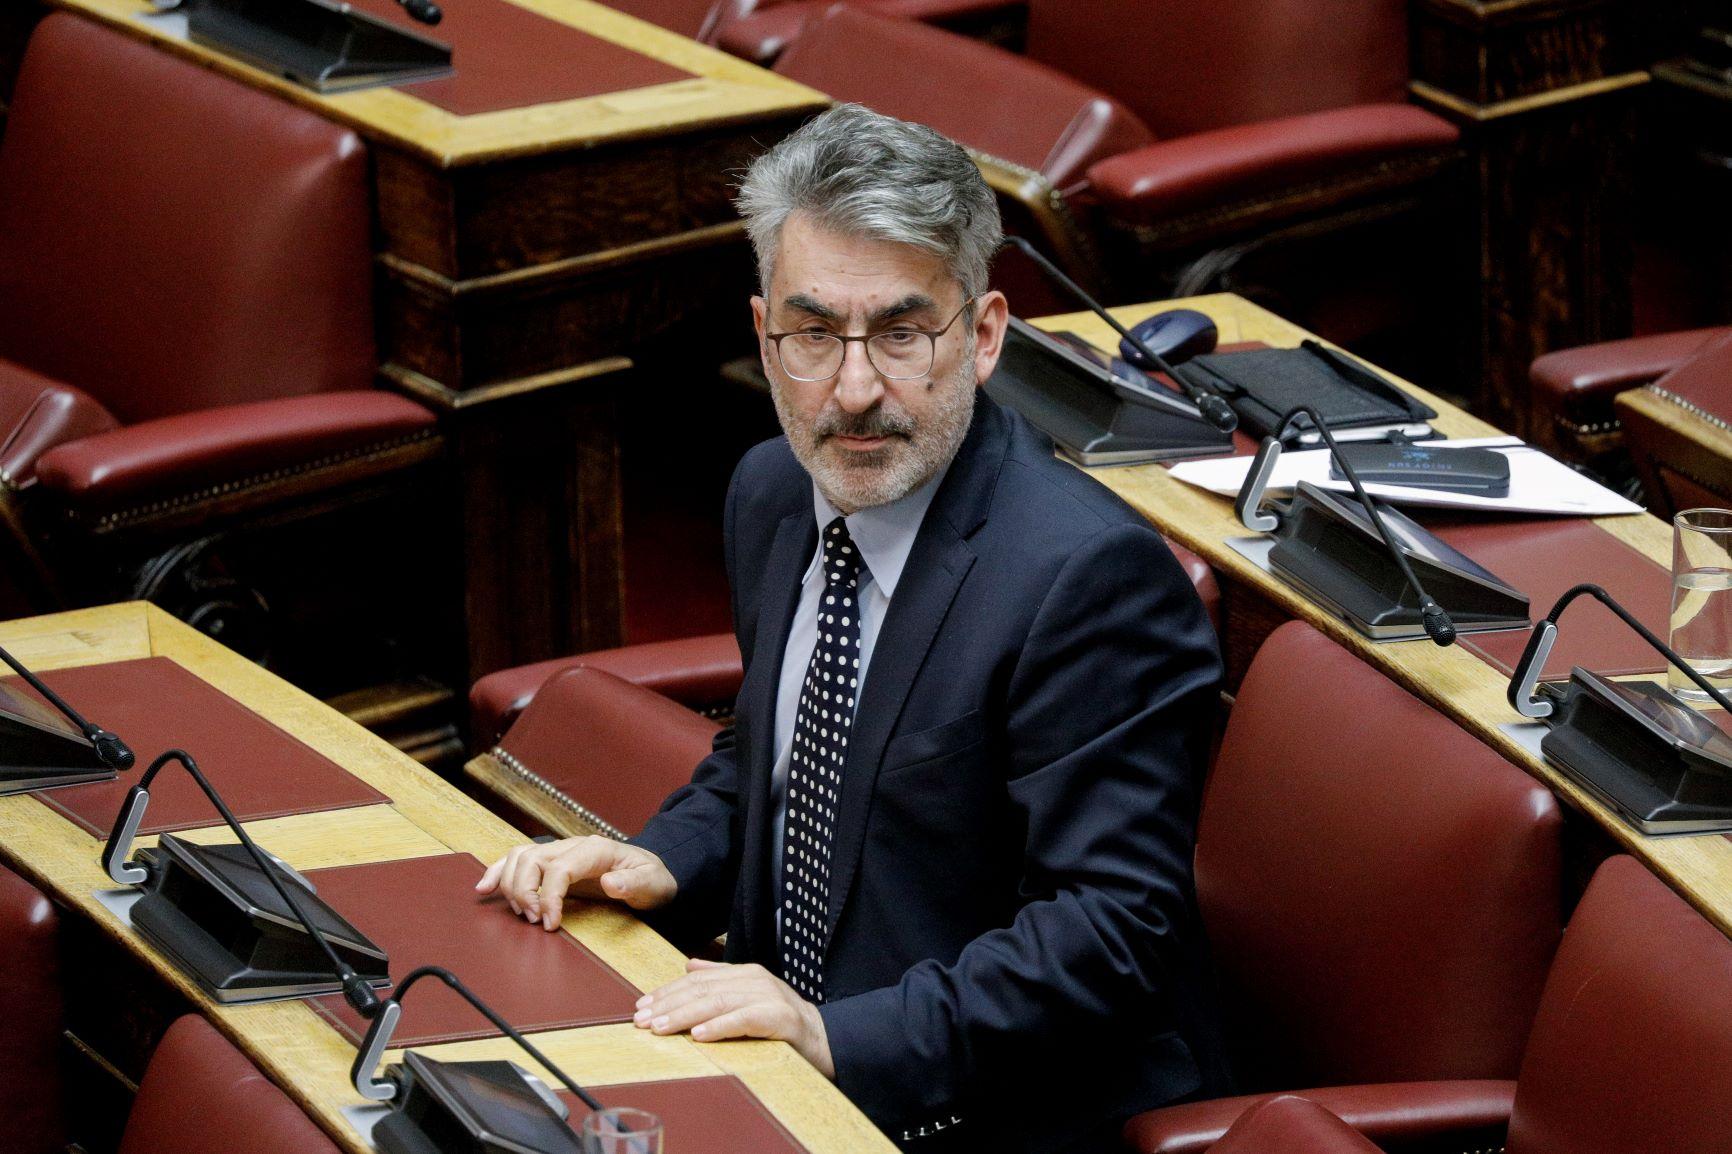 Θ. Ξανθόπουλος: Επικίνδυνος για το κράτος δικαίου ο αυταρχικός κατήφορος της κυβέρνησης